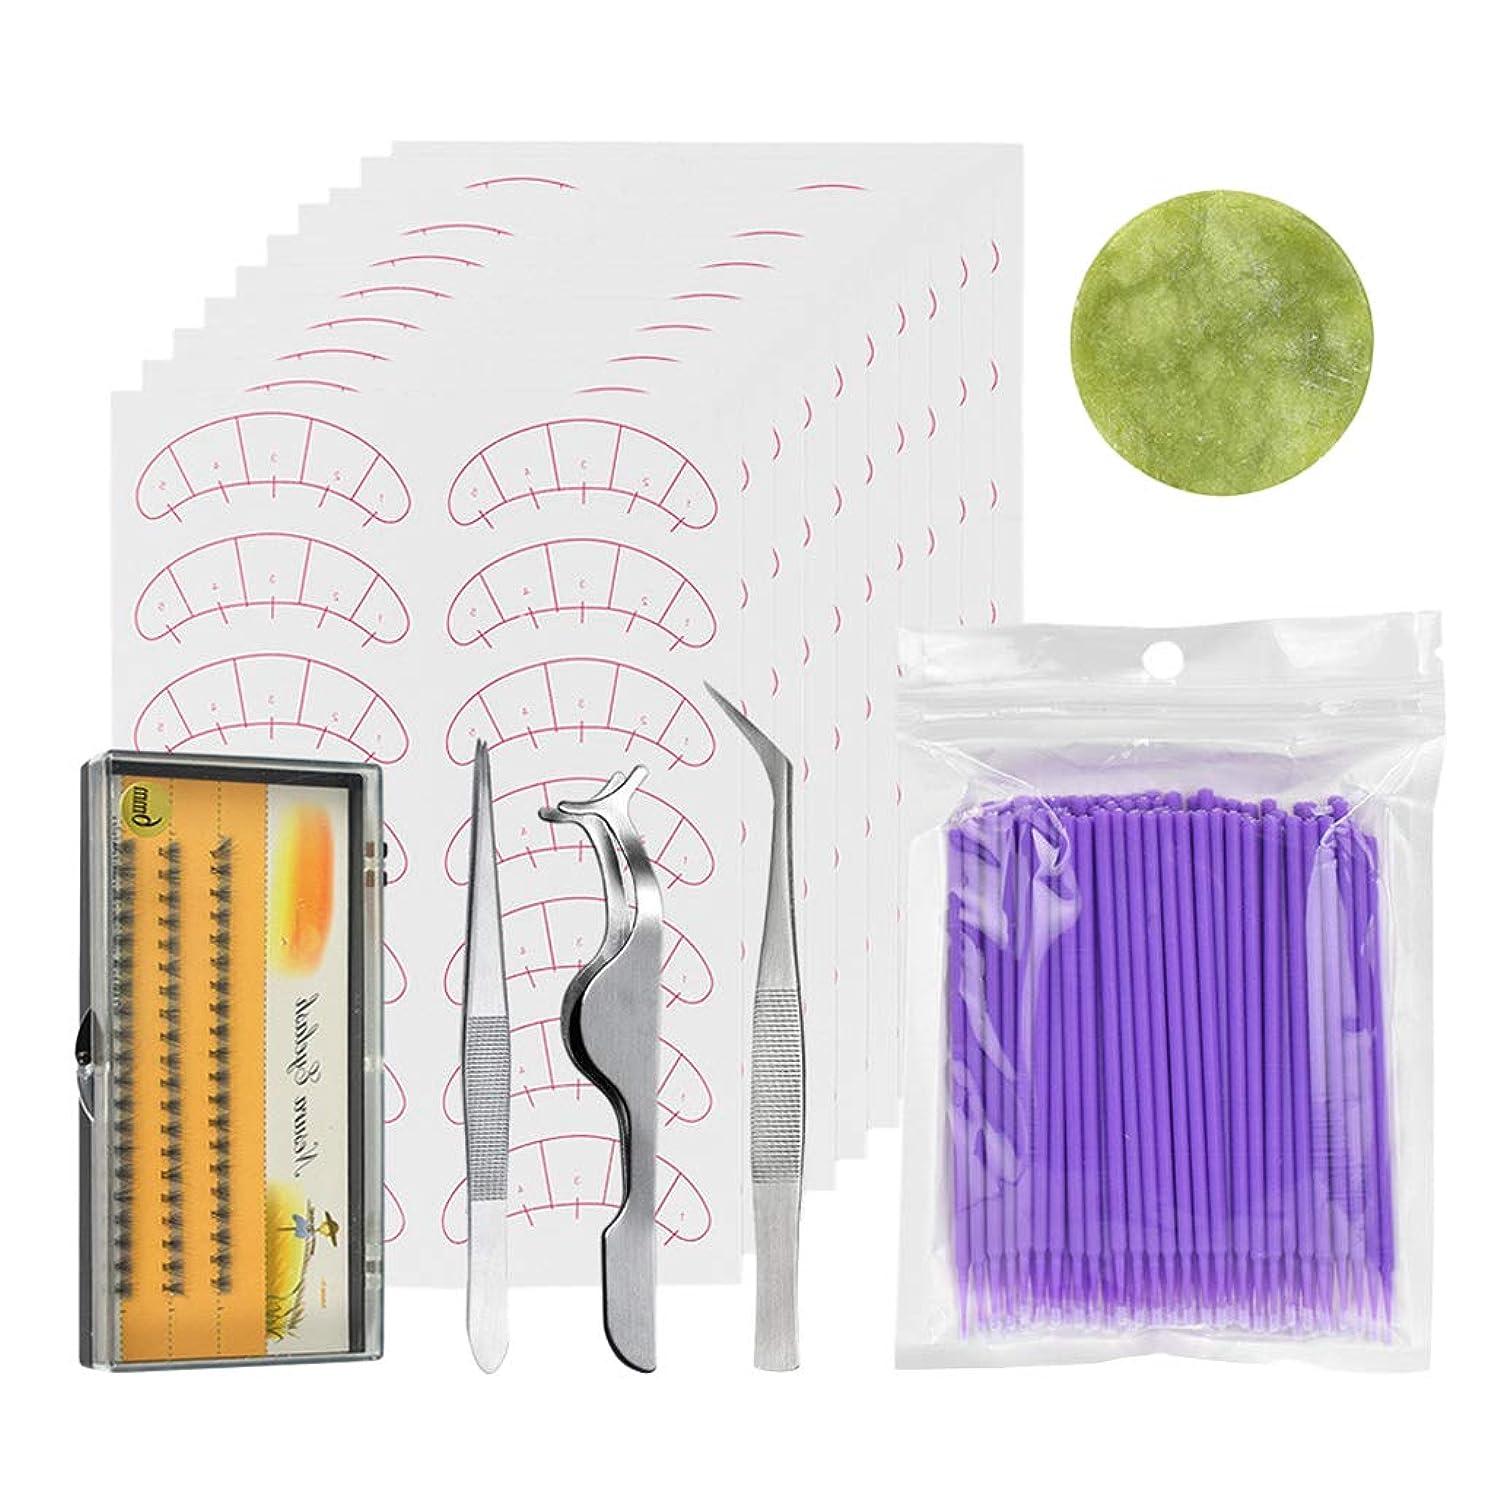 コーラス駐地切断するメークアップ用 まつ毛 エクステンション ツールセット 効果的 長持ち 保護 素敵 全4色 - 紫の